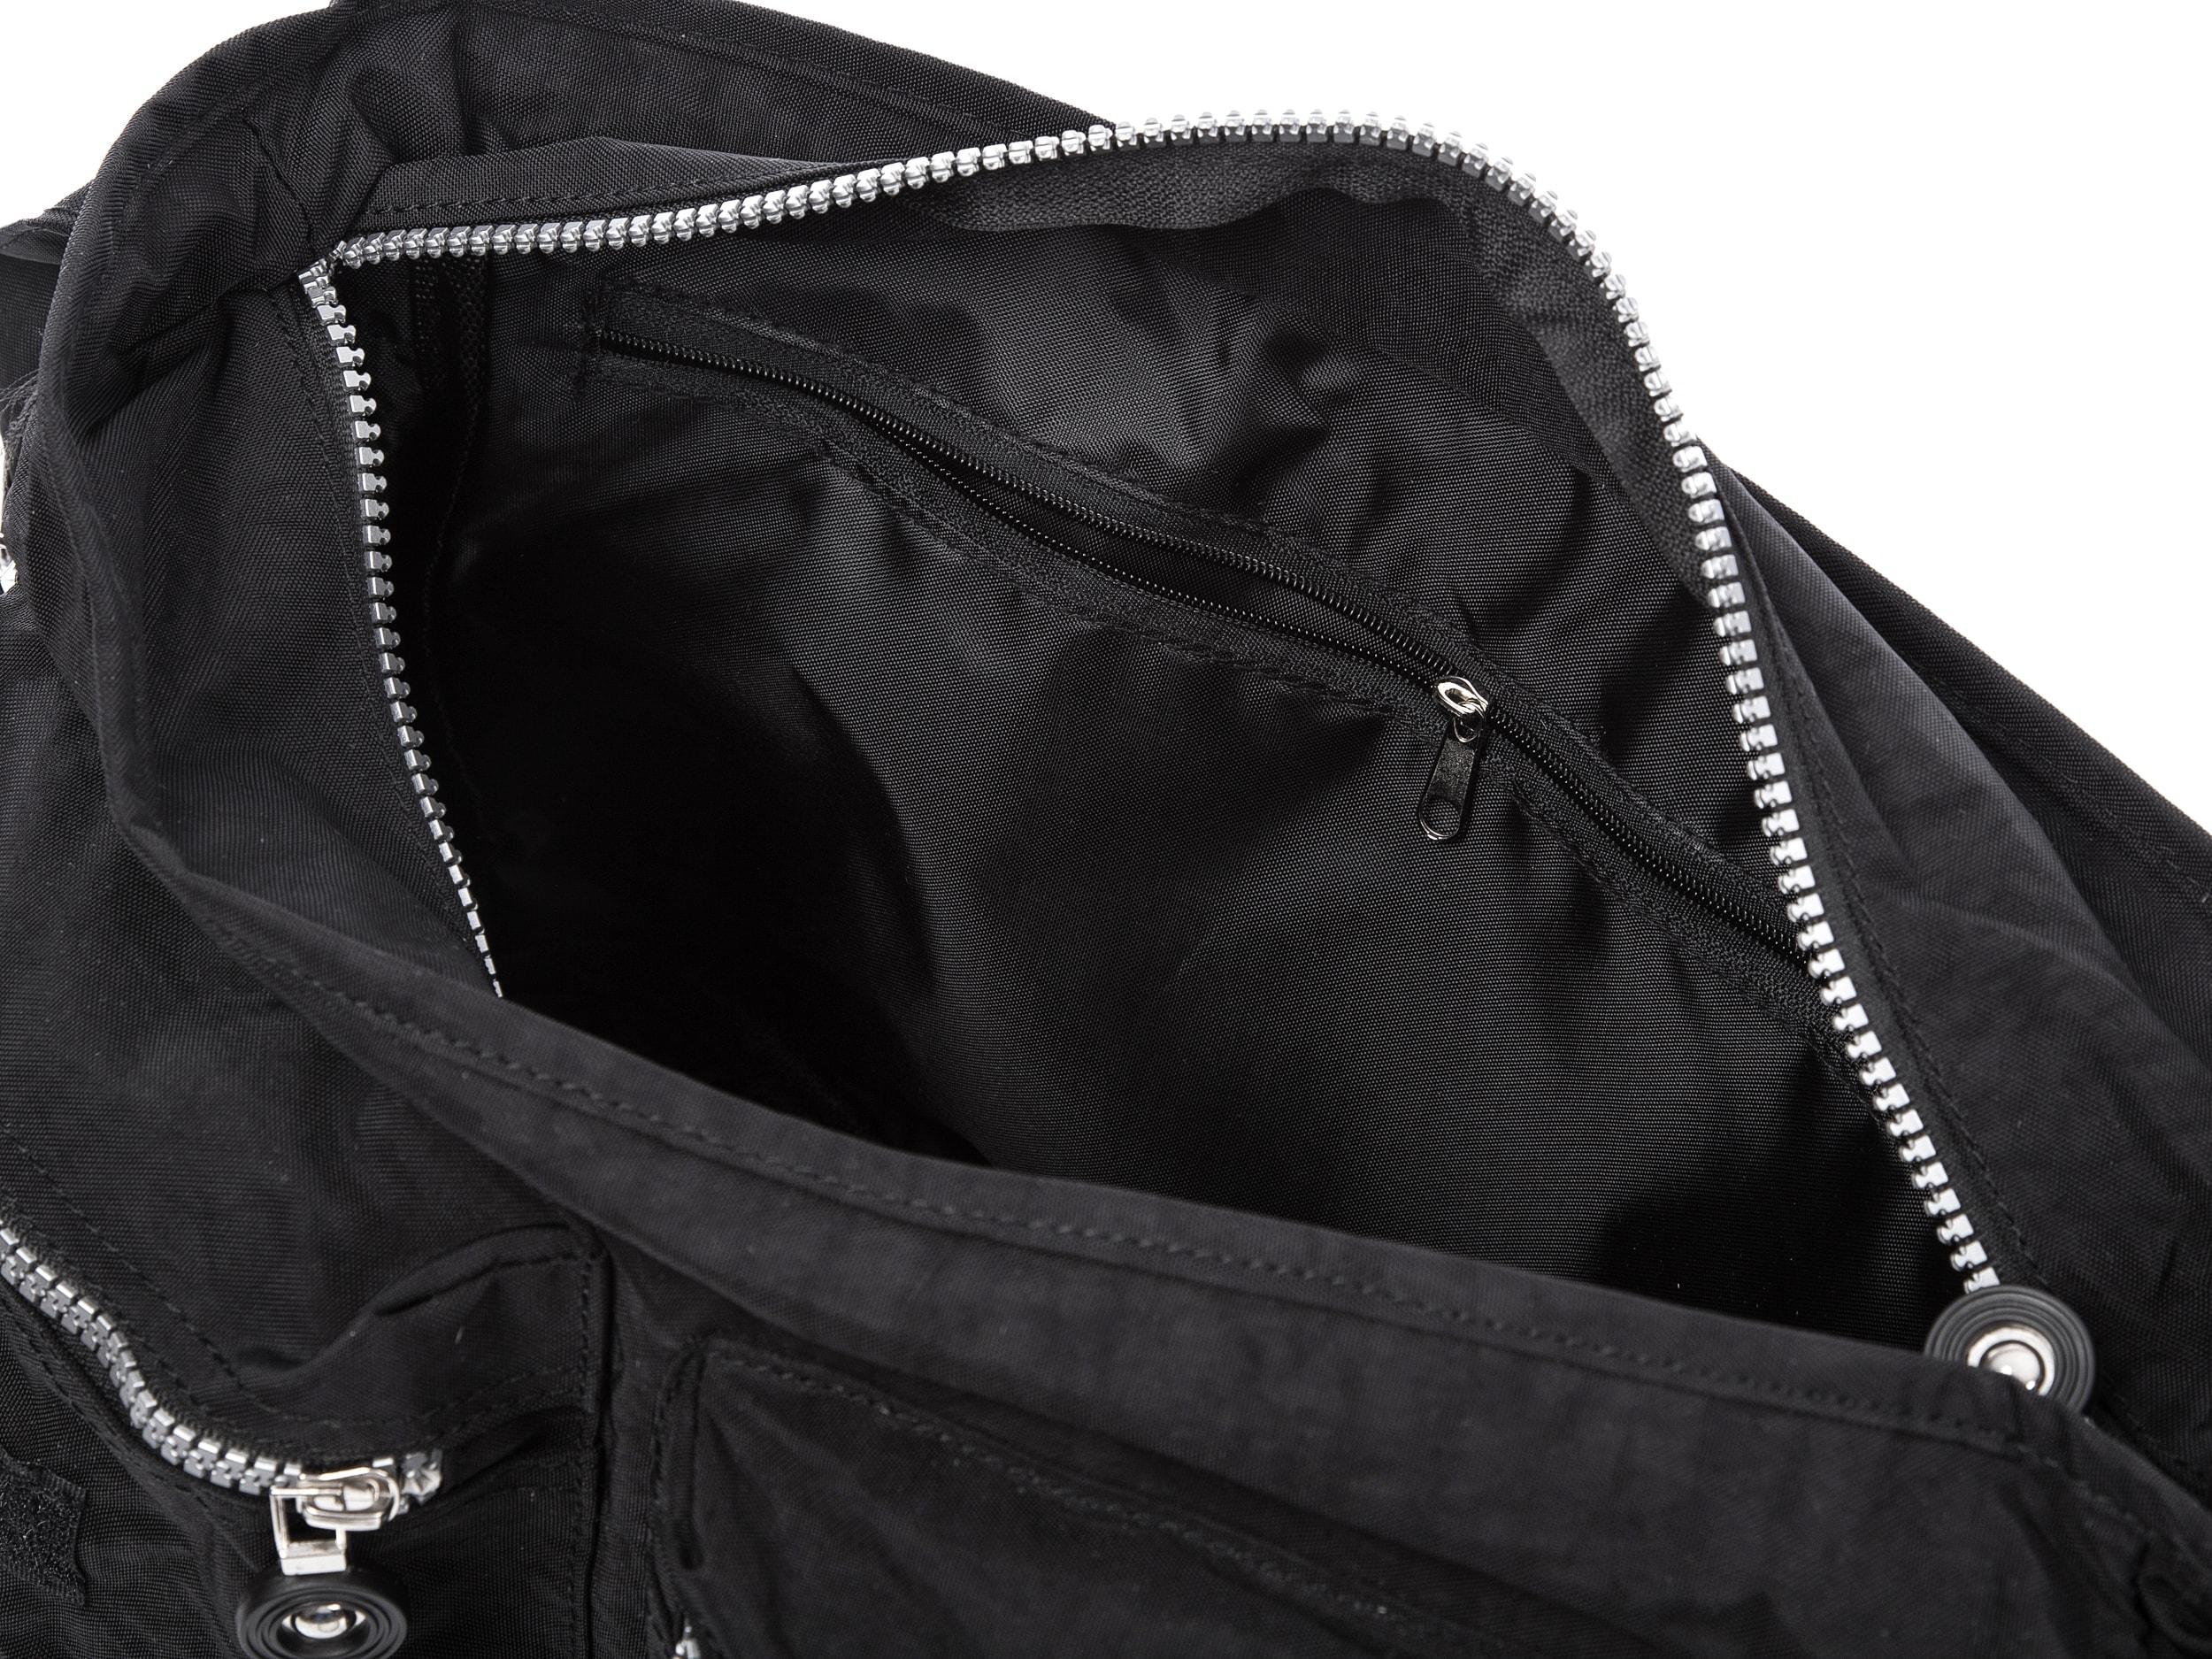 Czarna Materialowa Torba Poszerzana Turystyczna Z Klapka Bag